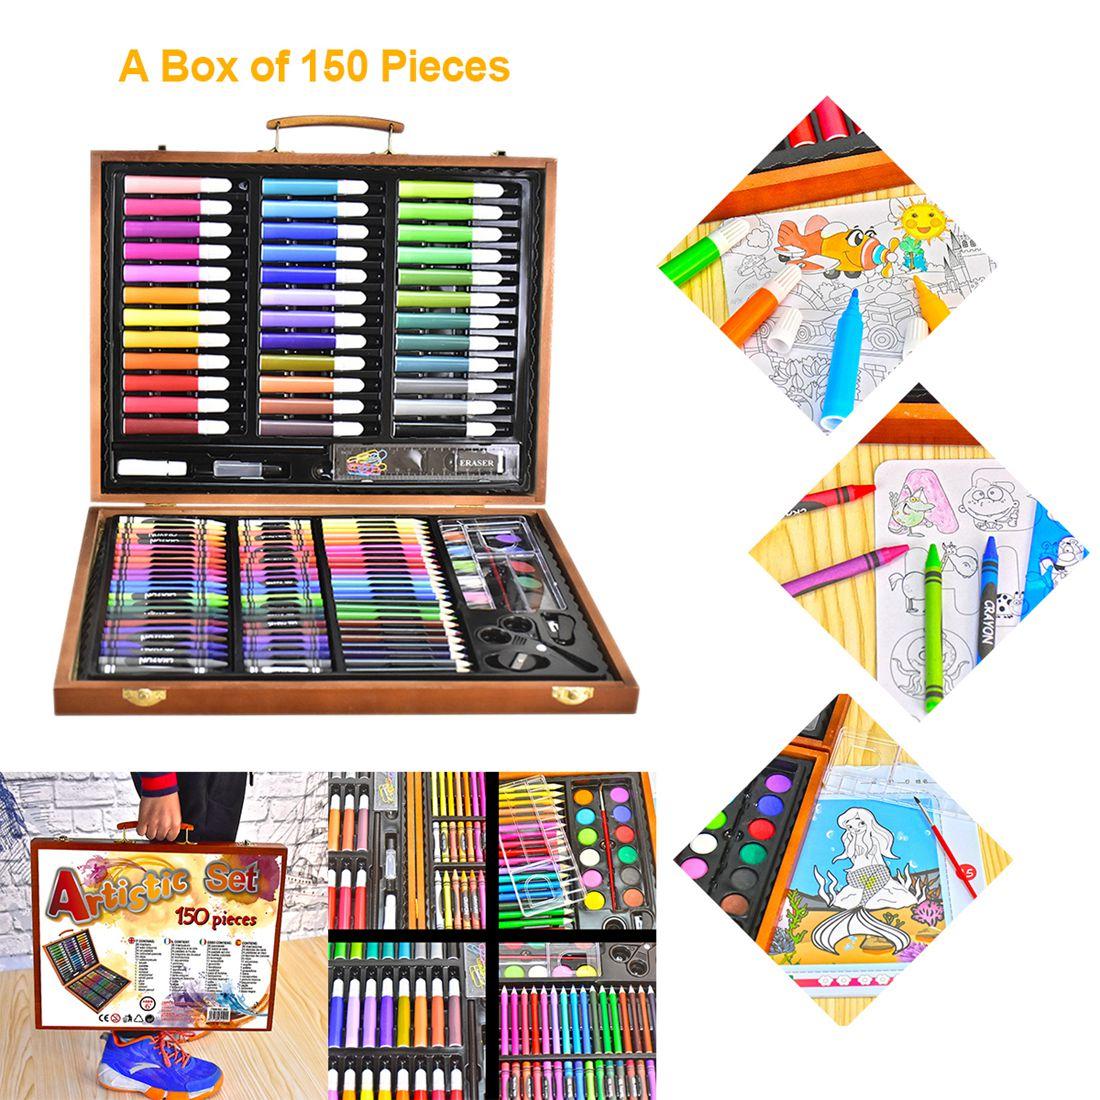 150 個魔法 1 ボックス水彩画ペンリードクレヨンワックススティック木製ボックスアートセット絵画学習ツール子供のギフトマーカーペン   -